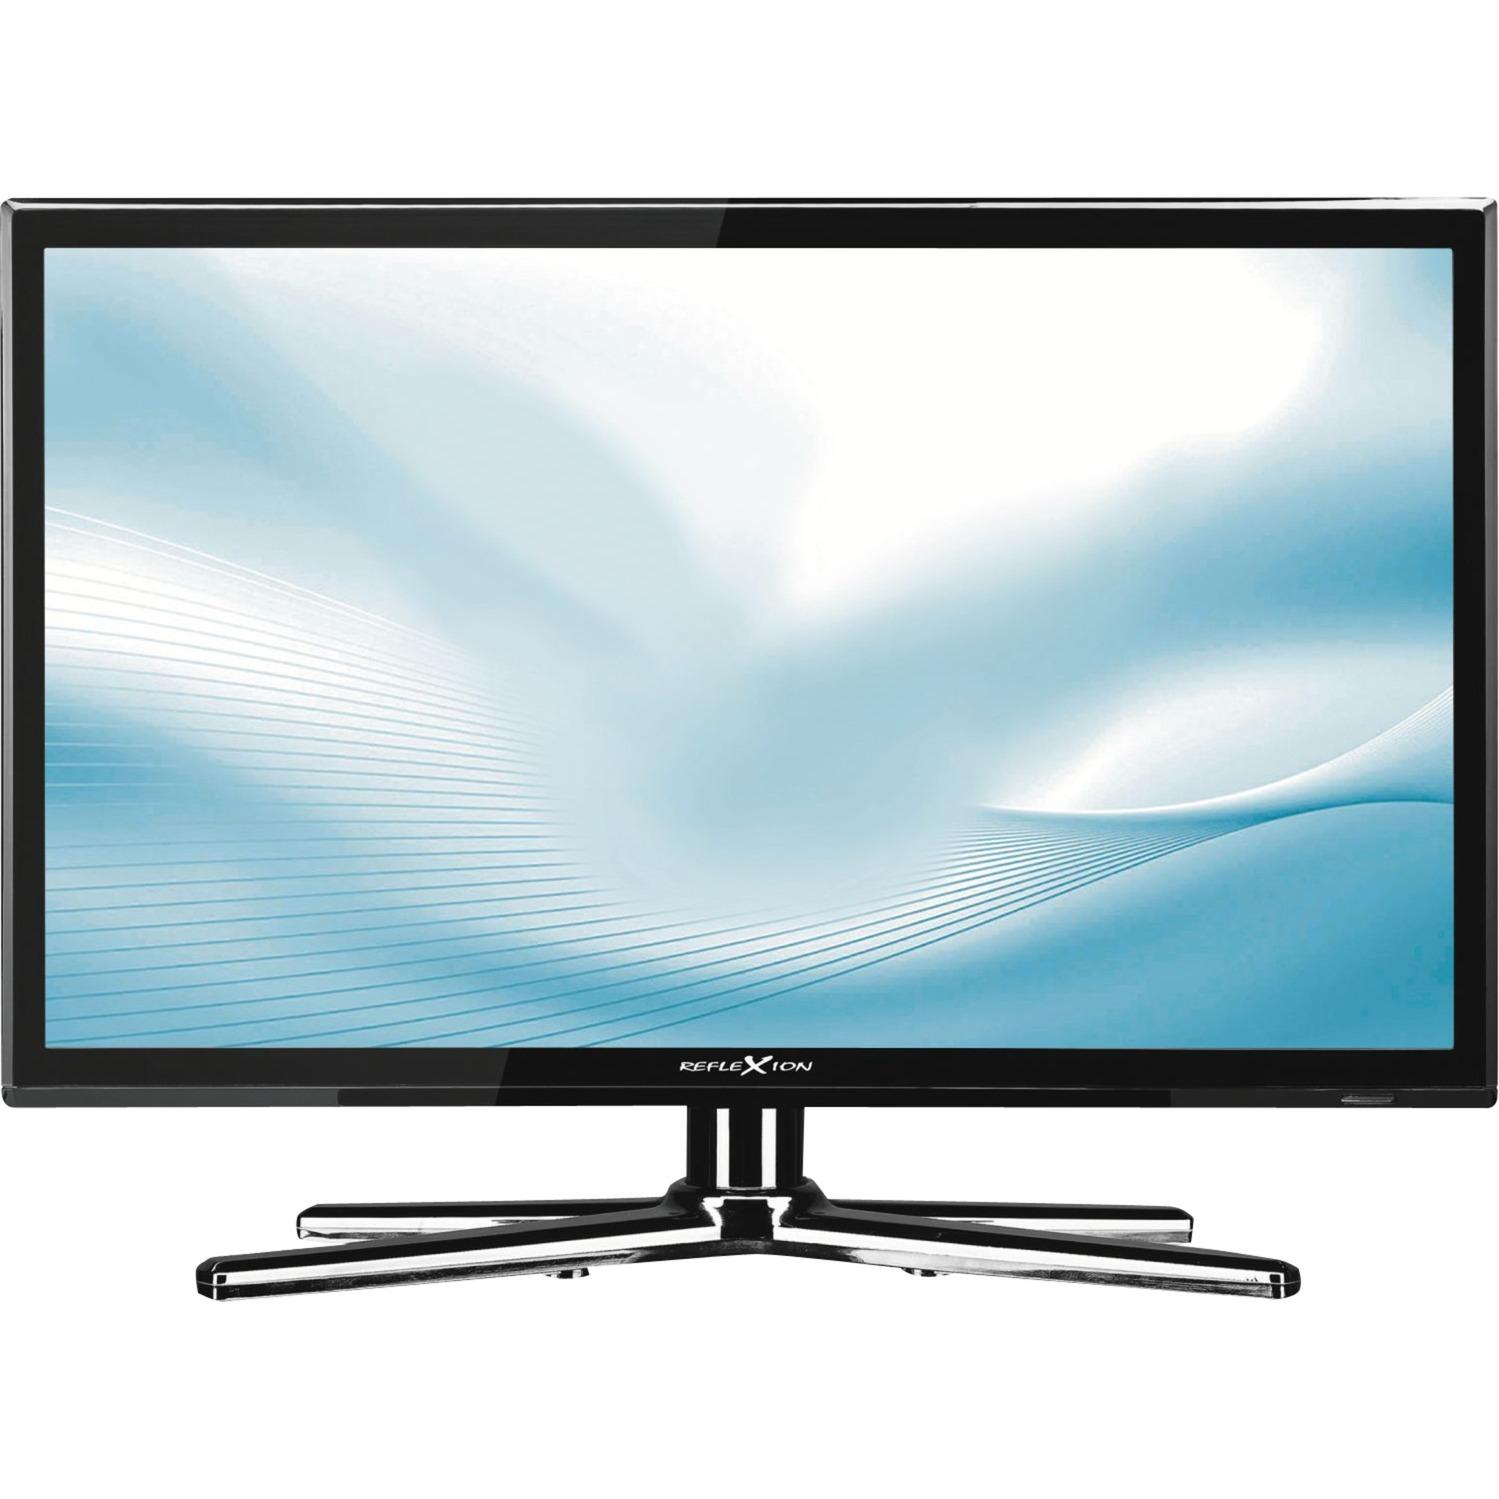 ldd2471-led-tv